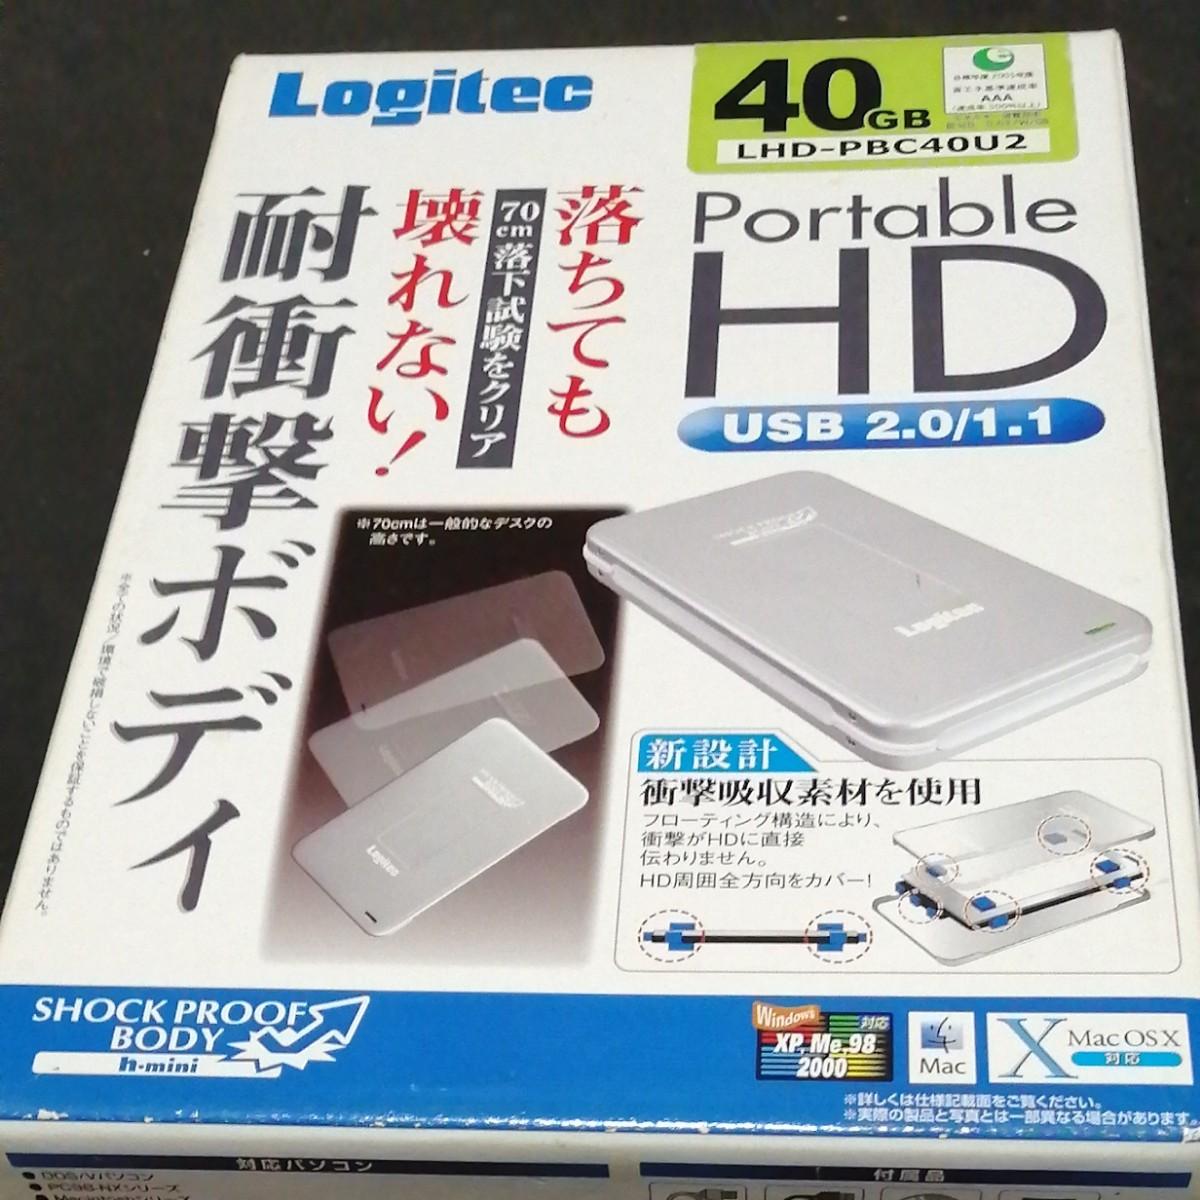 ロジテック40GBポータブルハードディスク